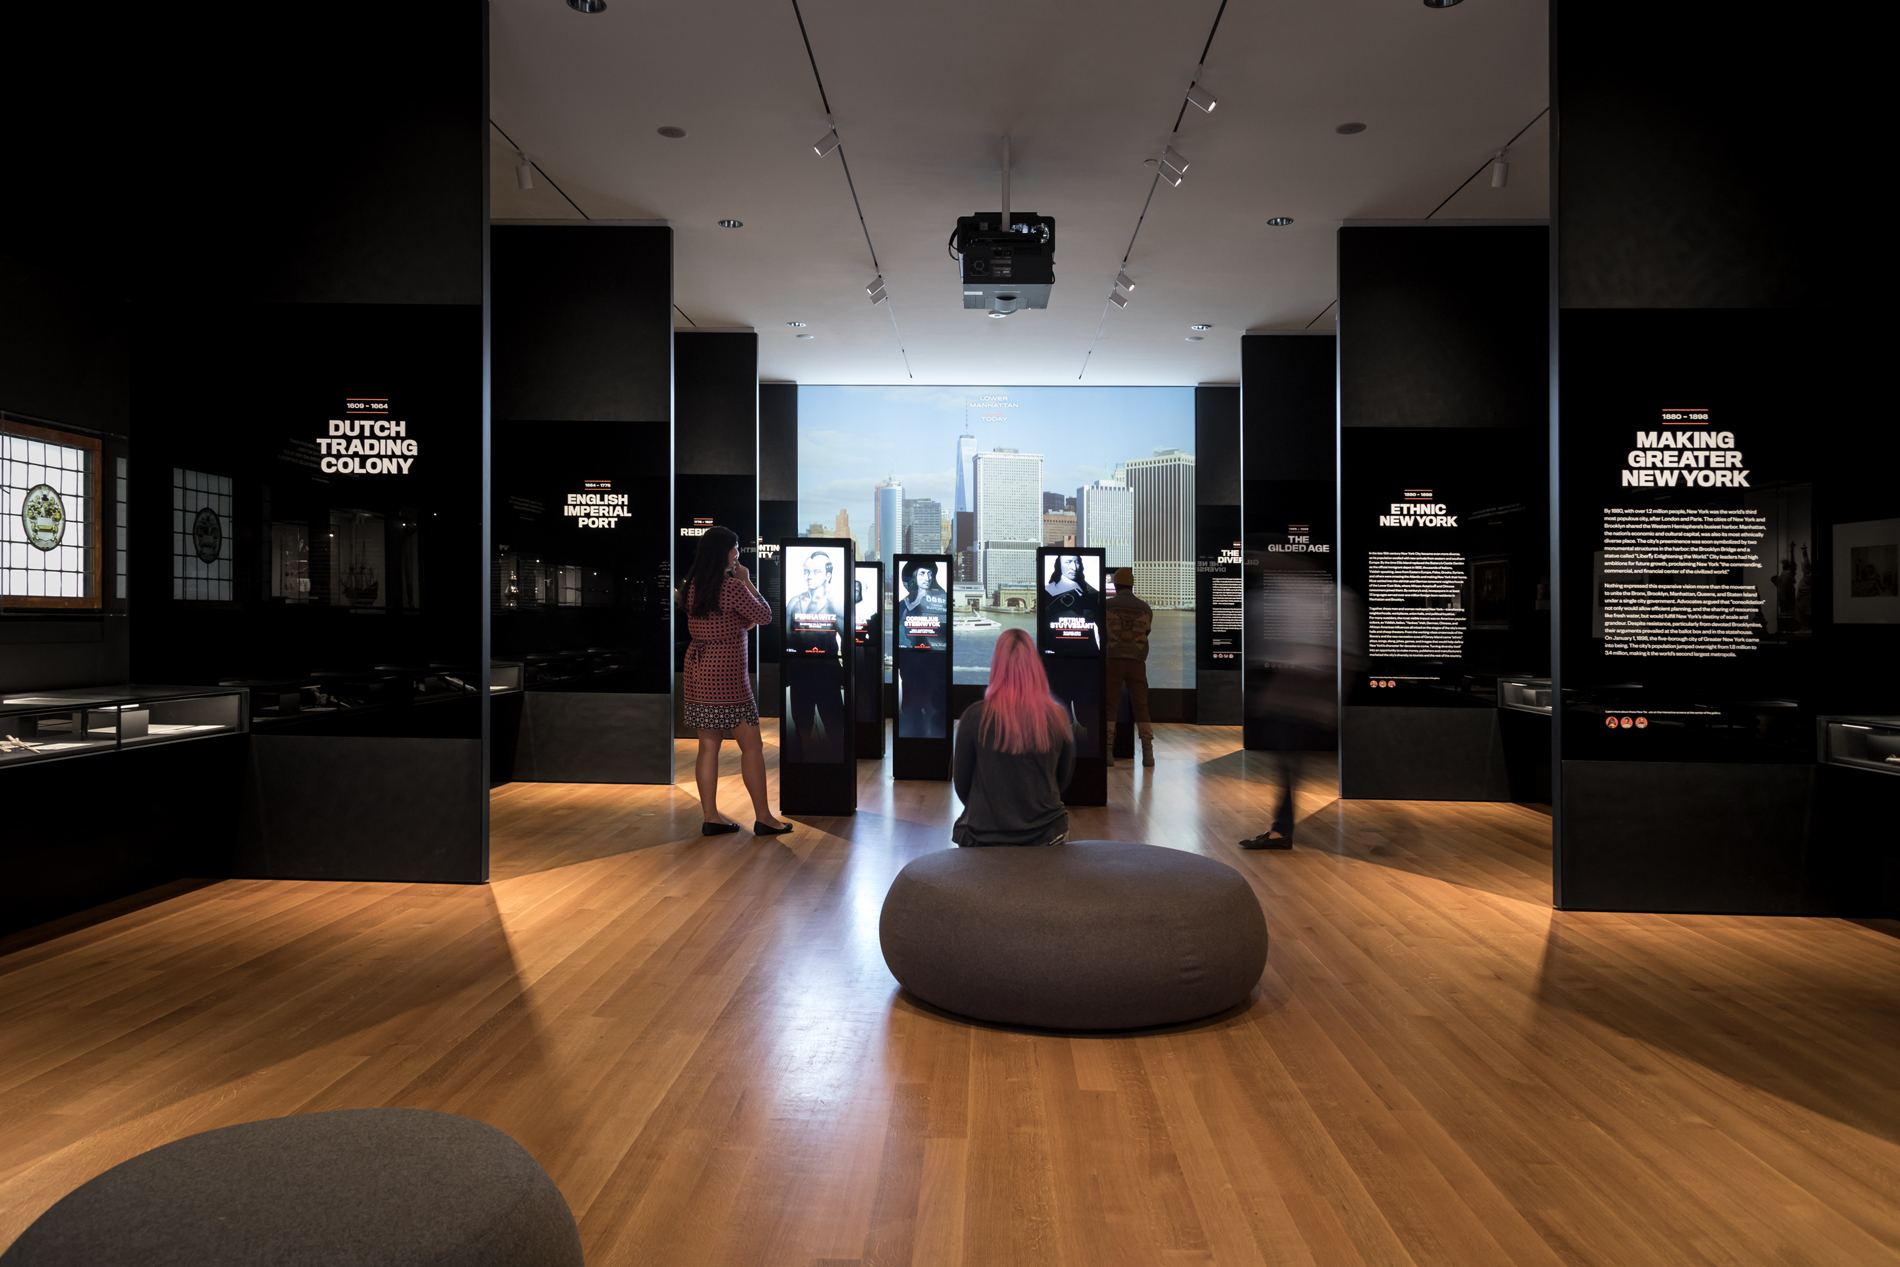 参观者围坐在纽约市博物馆的展览旁